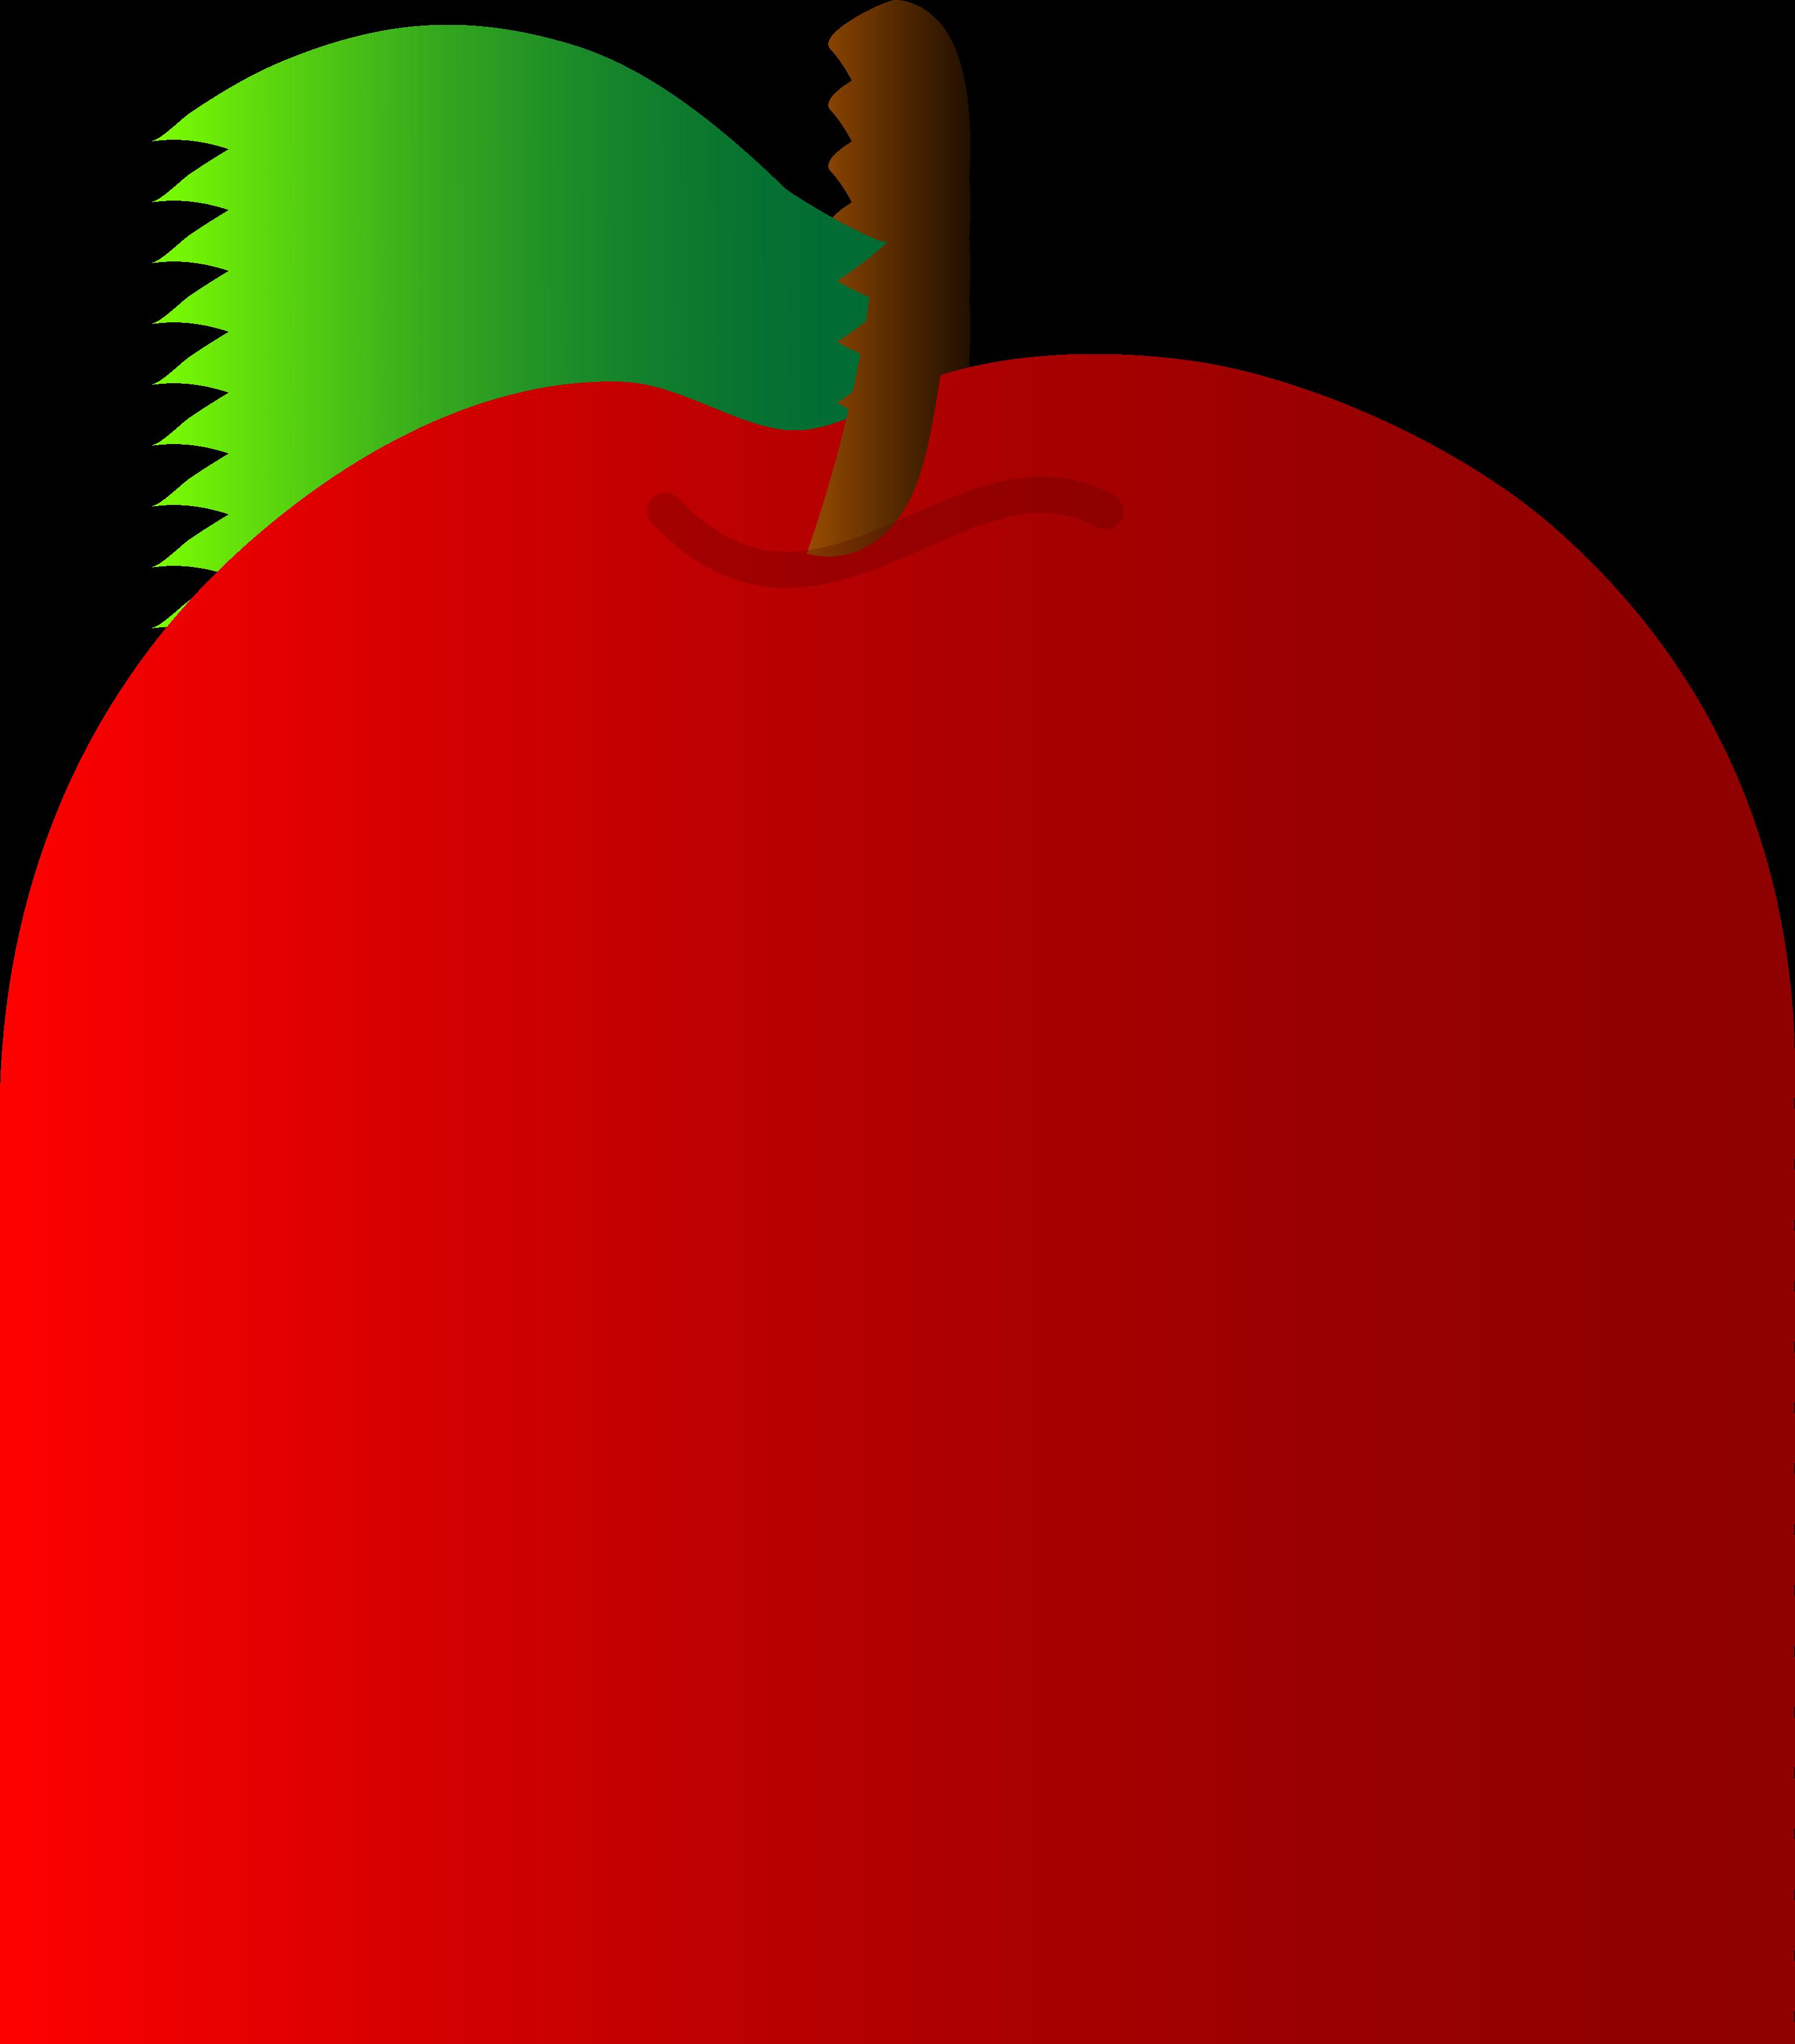 3097x3526 Red Apple Vector Art